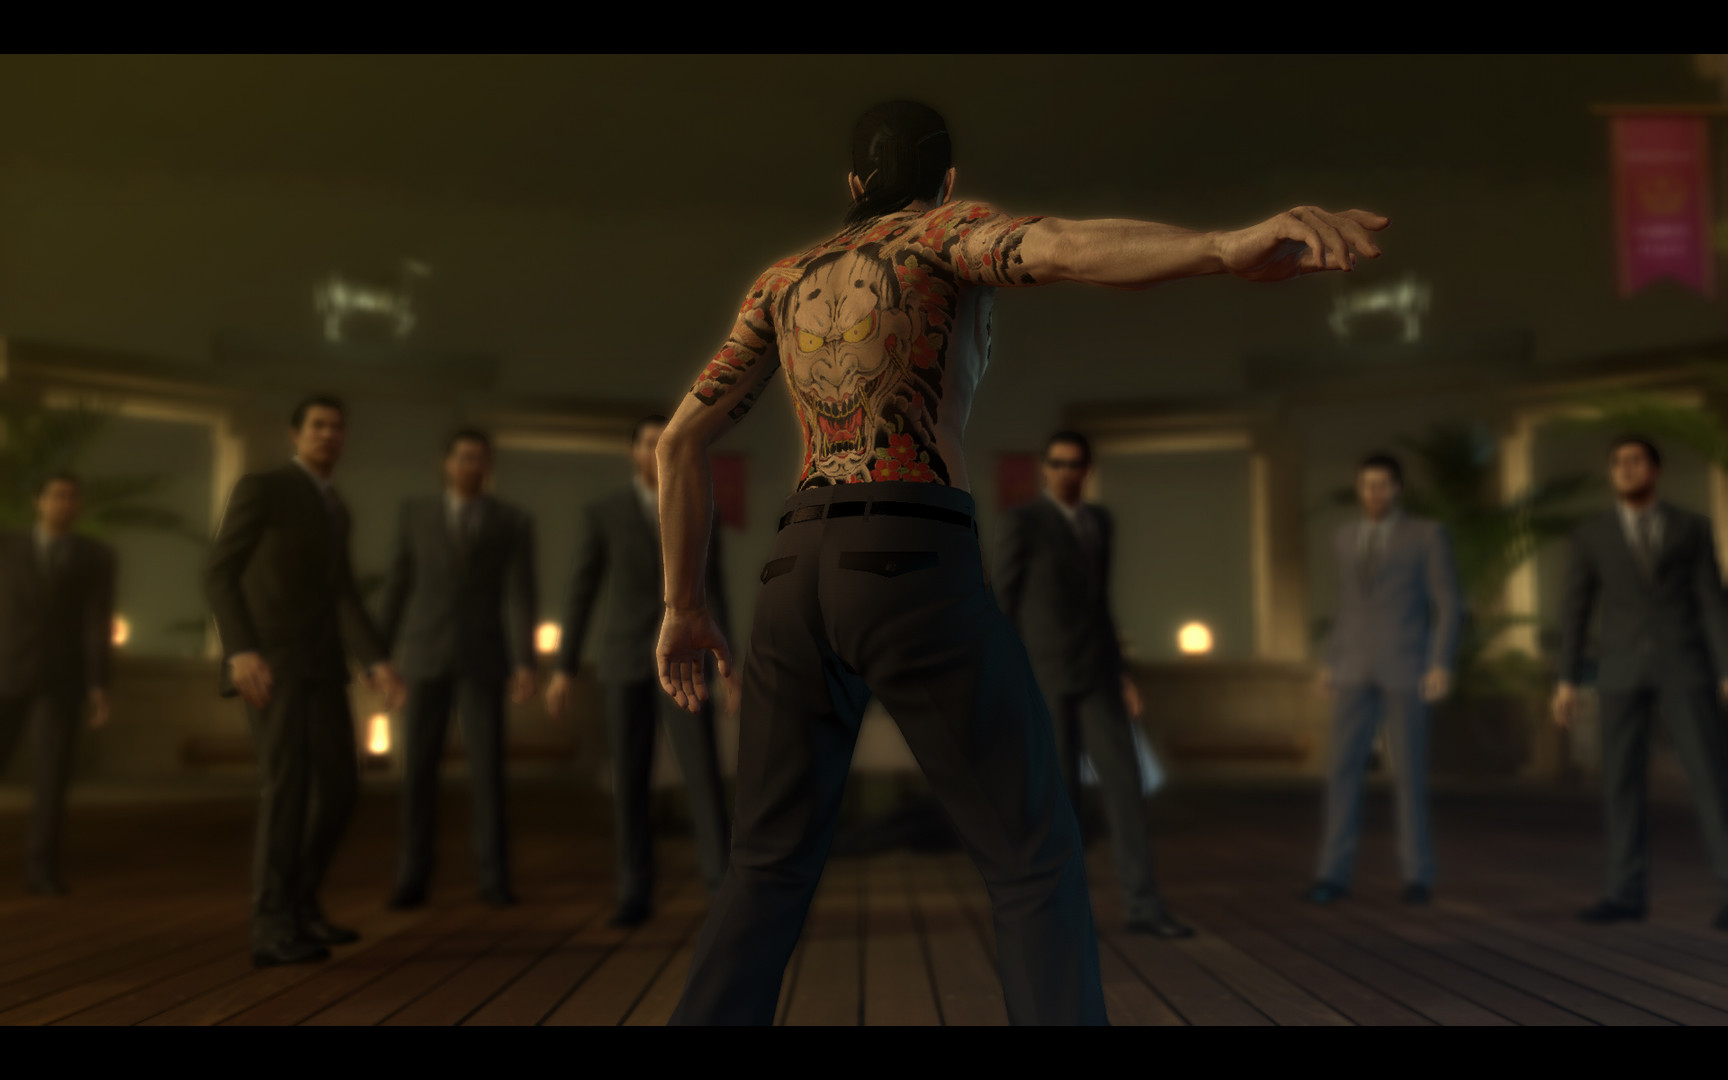 Yakuza 0 On Steam Goro majima (真島 吾朗, majima gorō) is a recurring supporting character in the yakuza series and one of the main playable protagonists of yakuza 0 and yakuza: yakuza 0